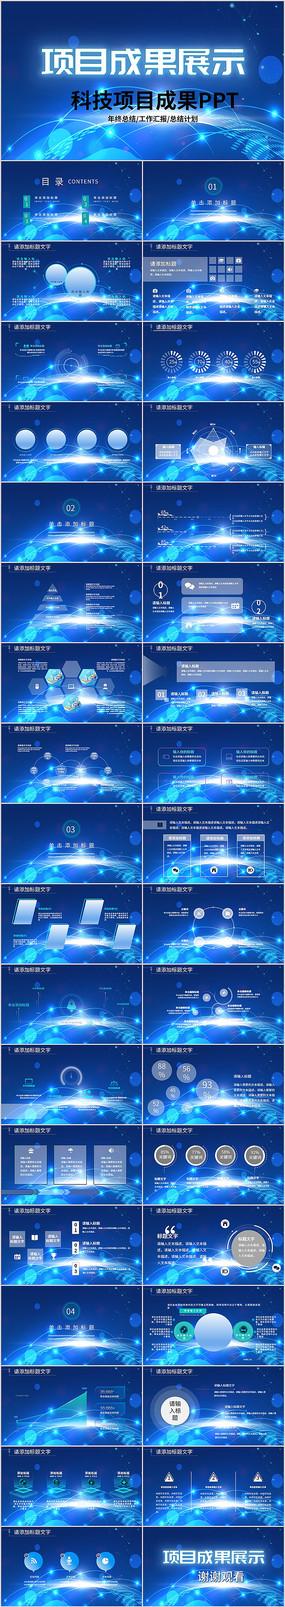 蓝色科技项目成果展示商务通用PPT